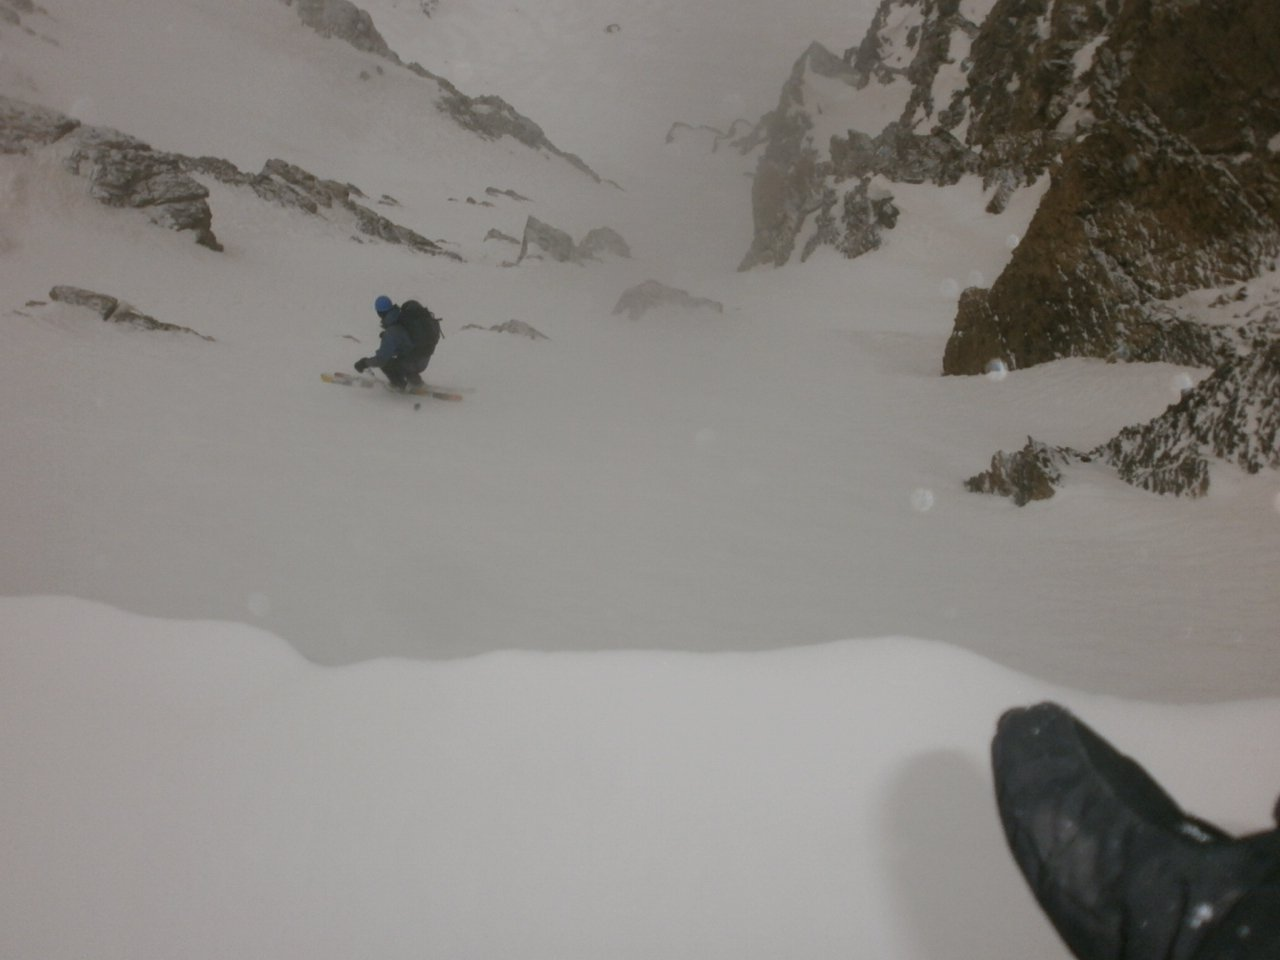 DX il bullo testa gli sci sul duro